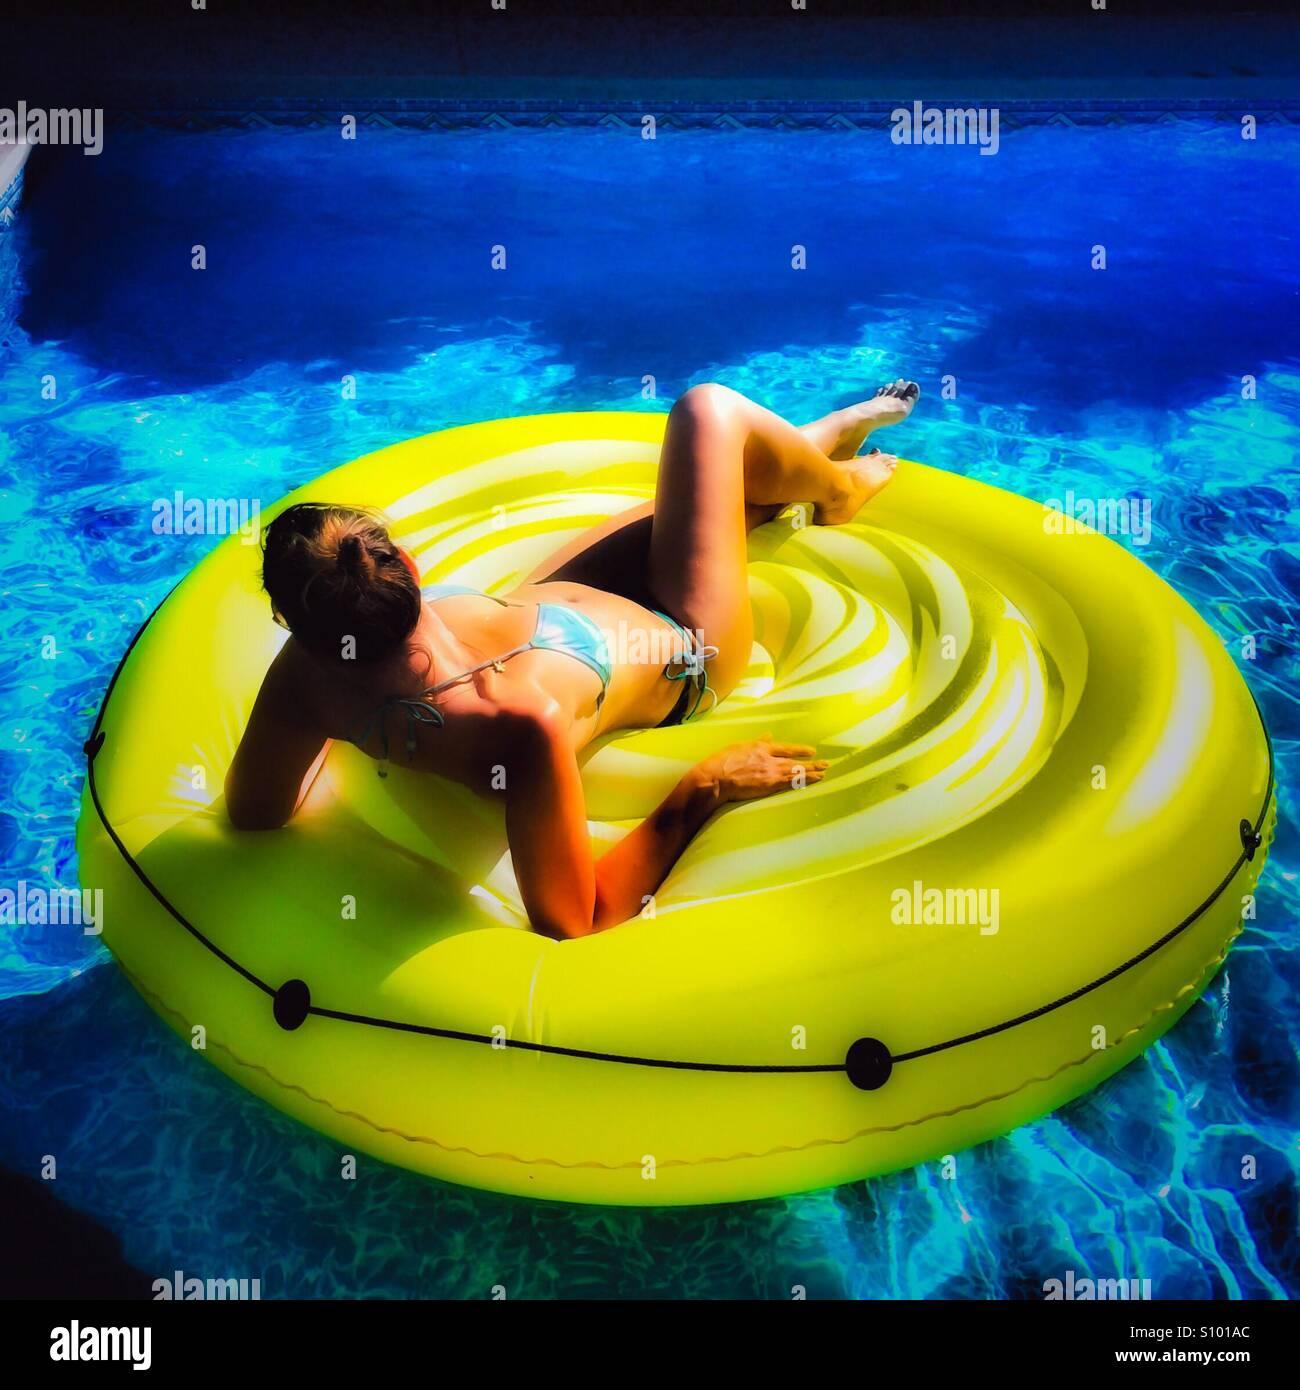 Mujer tumbado en una piscina hinchable toy en un soleado día de calor. Recortar cuadrados. Luz natural. Imagen De Stock